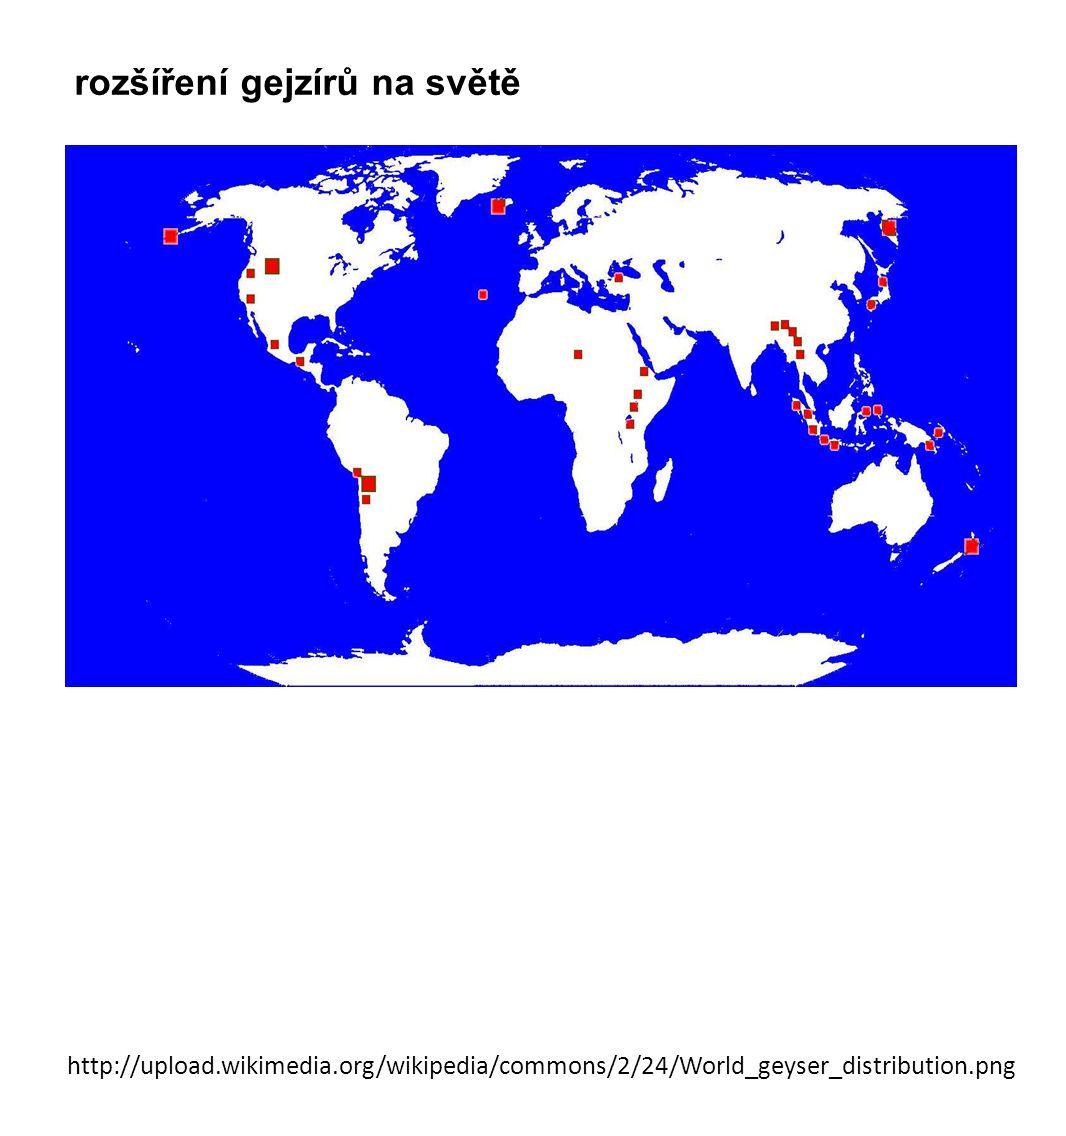 http://upload.wikimedia.org/wikipedia/commons/2/24/World_geyser_distribution.png rozšíření gejzírů na světě